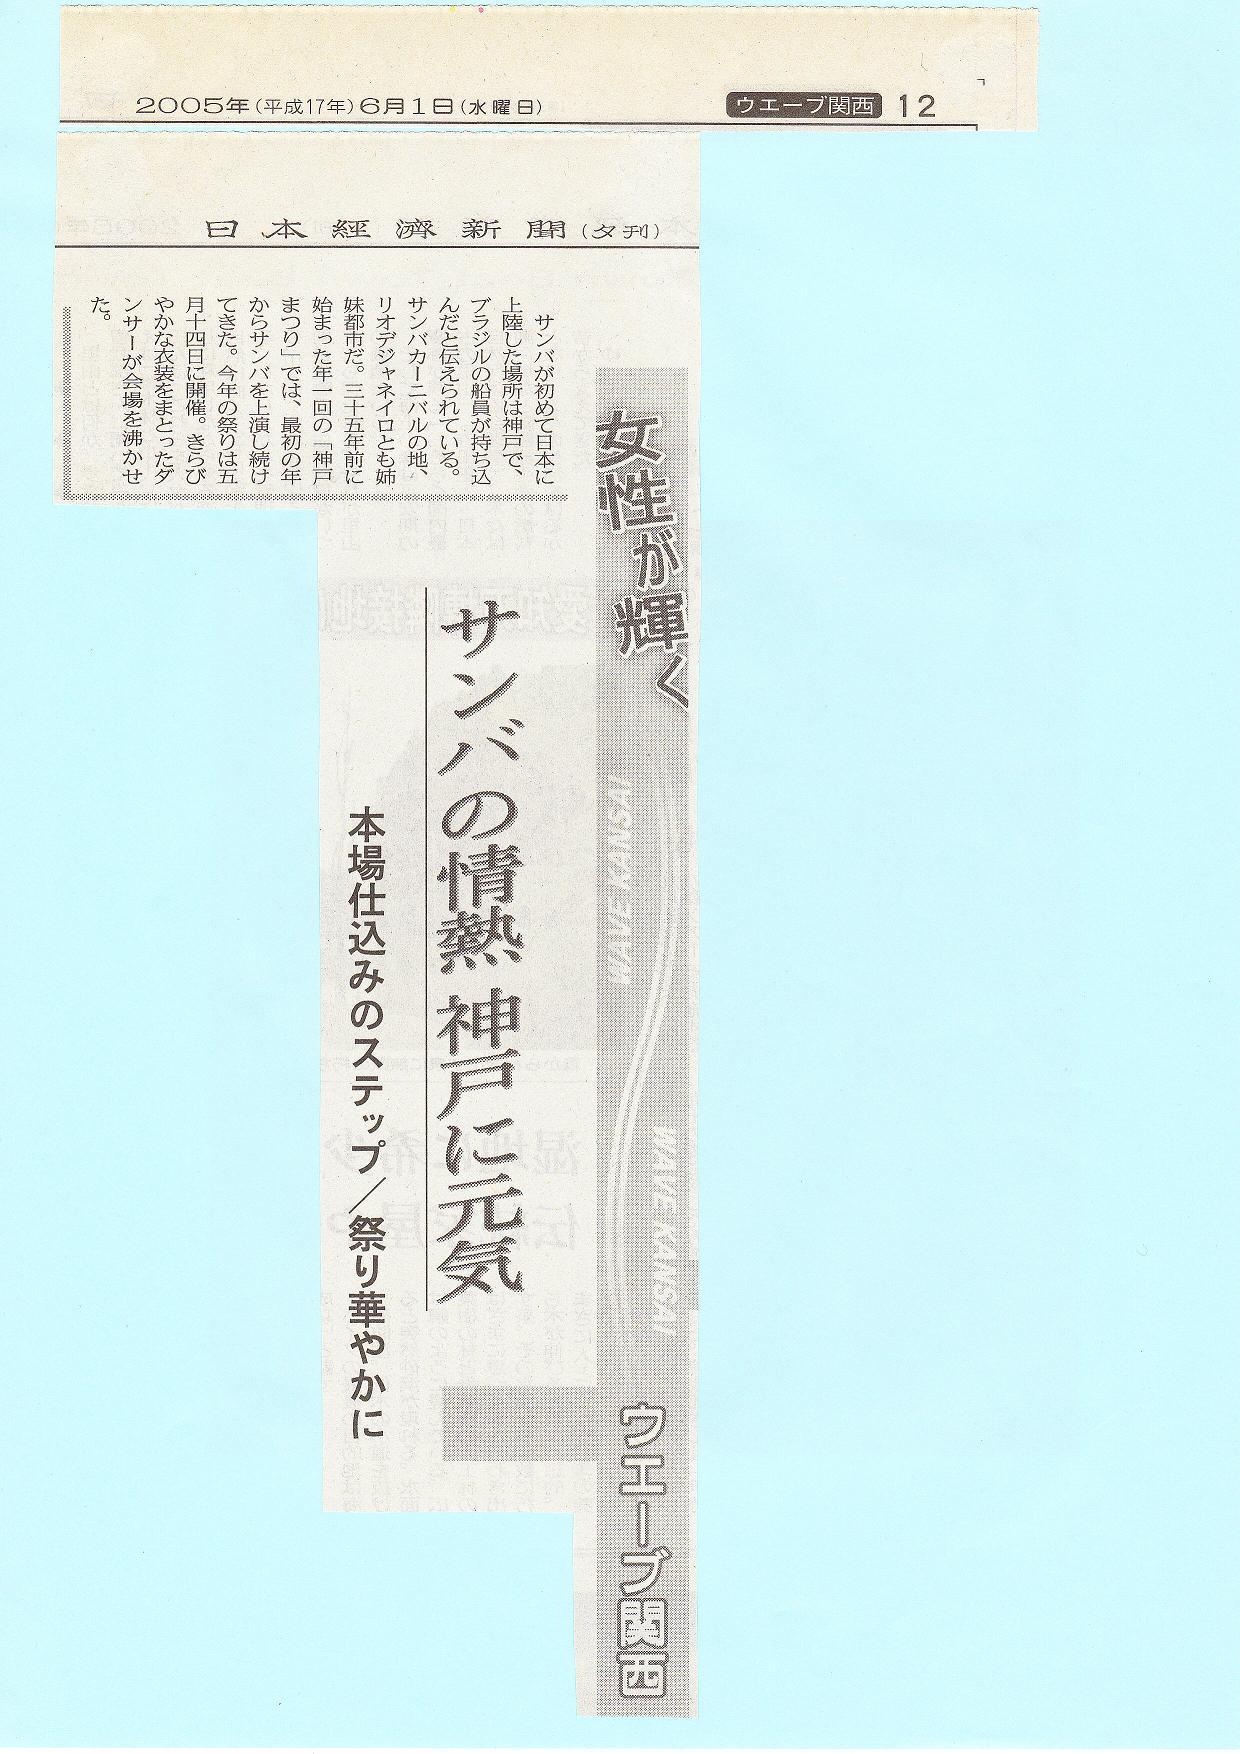 f36d61c5.JPG